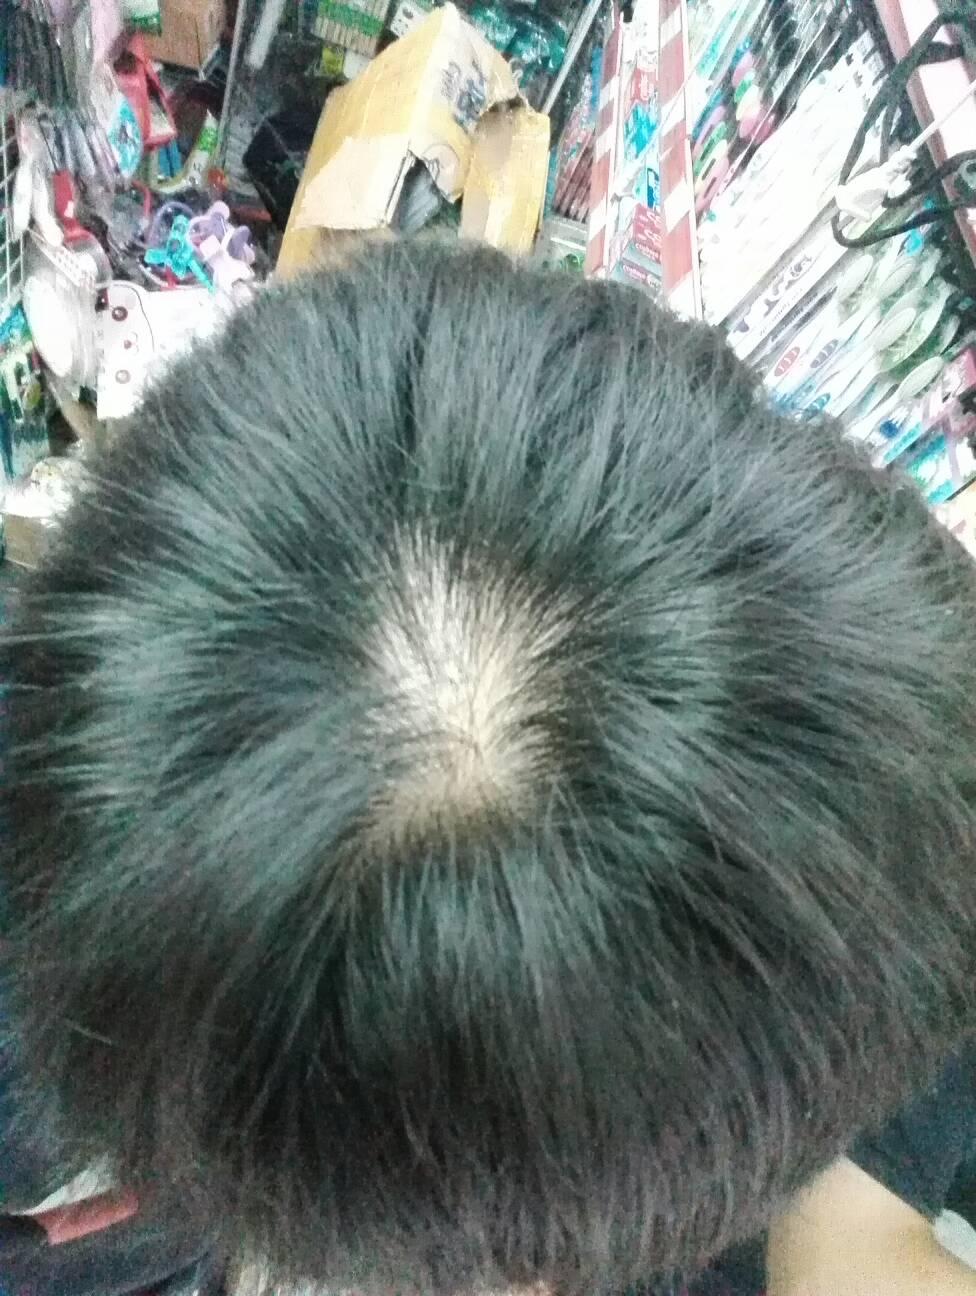 我16岁,以前老是喜欢扯头顶的头发,现在头顶的那个漩涡都没有头发了